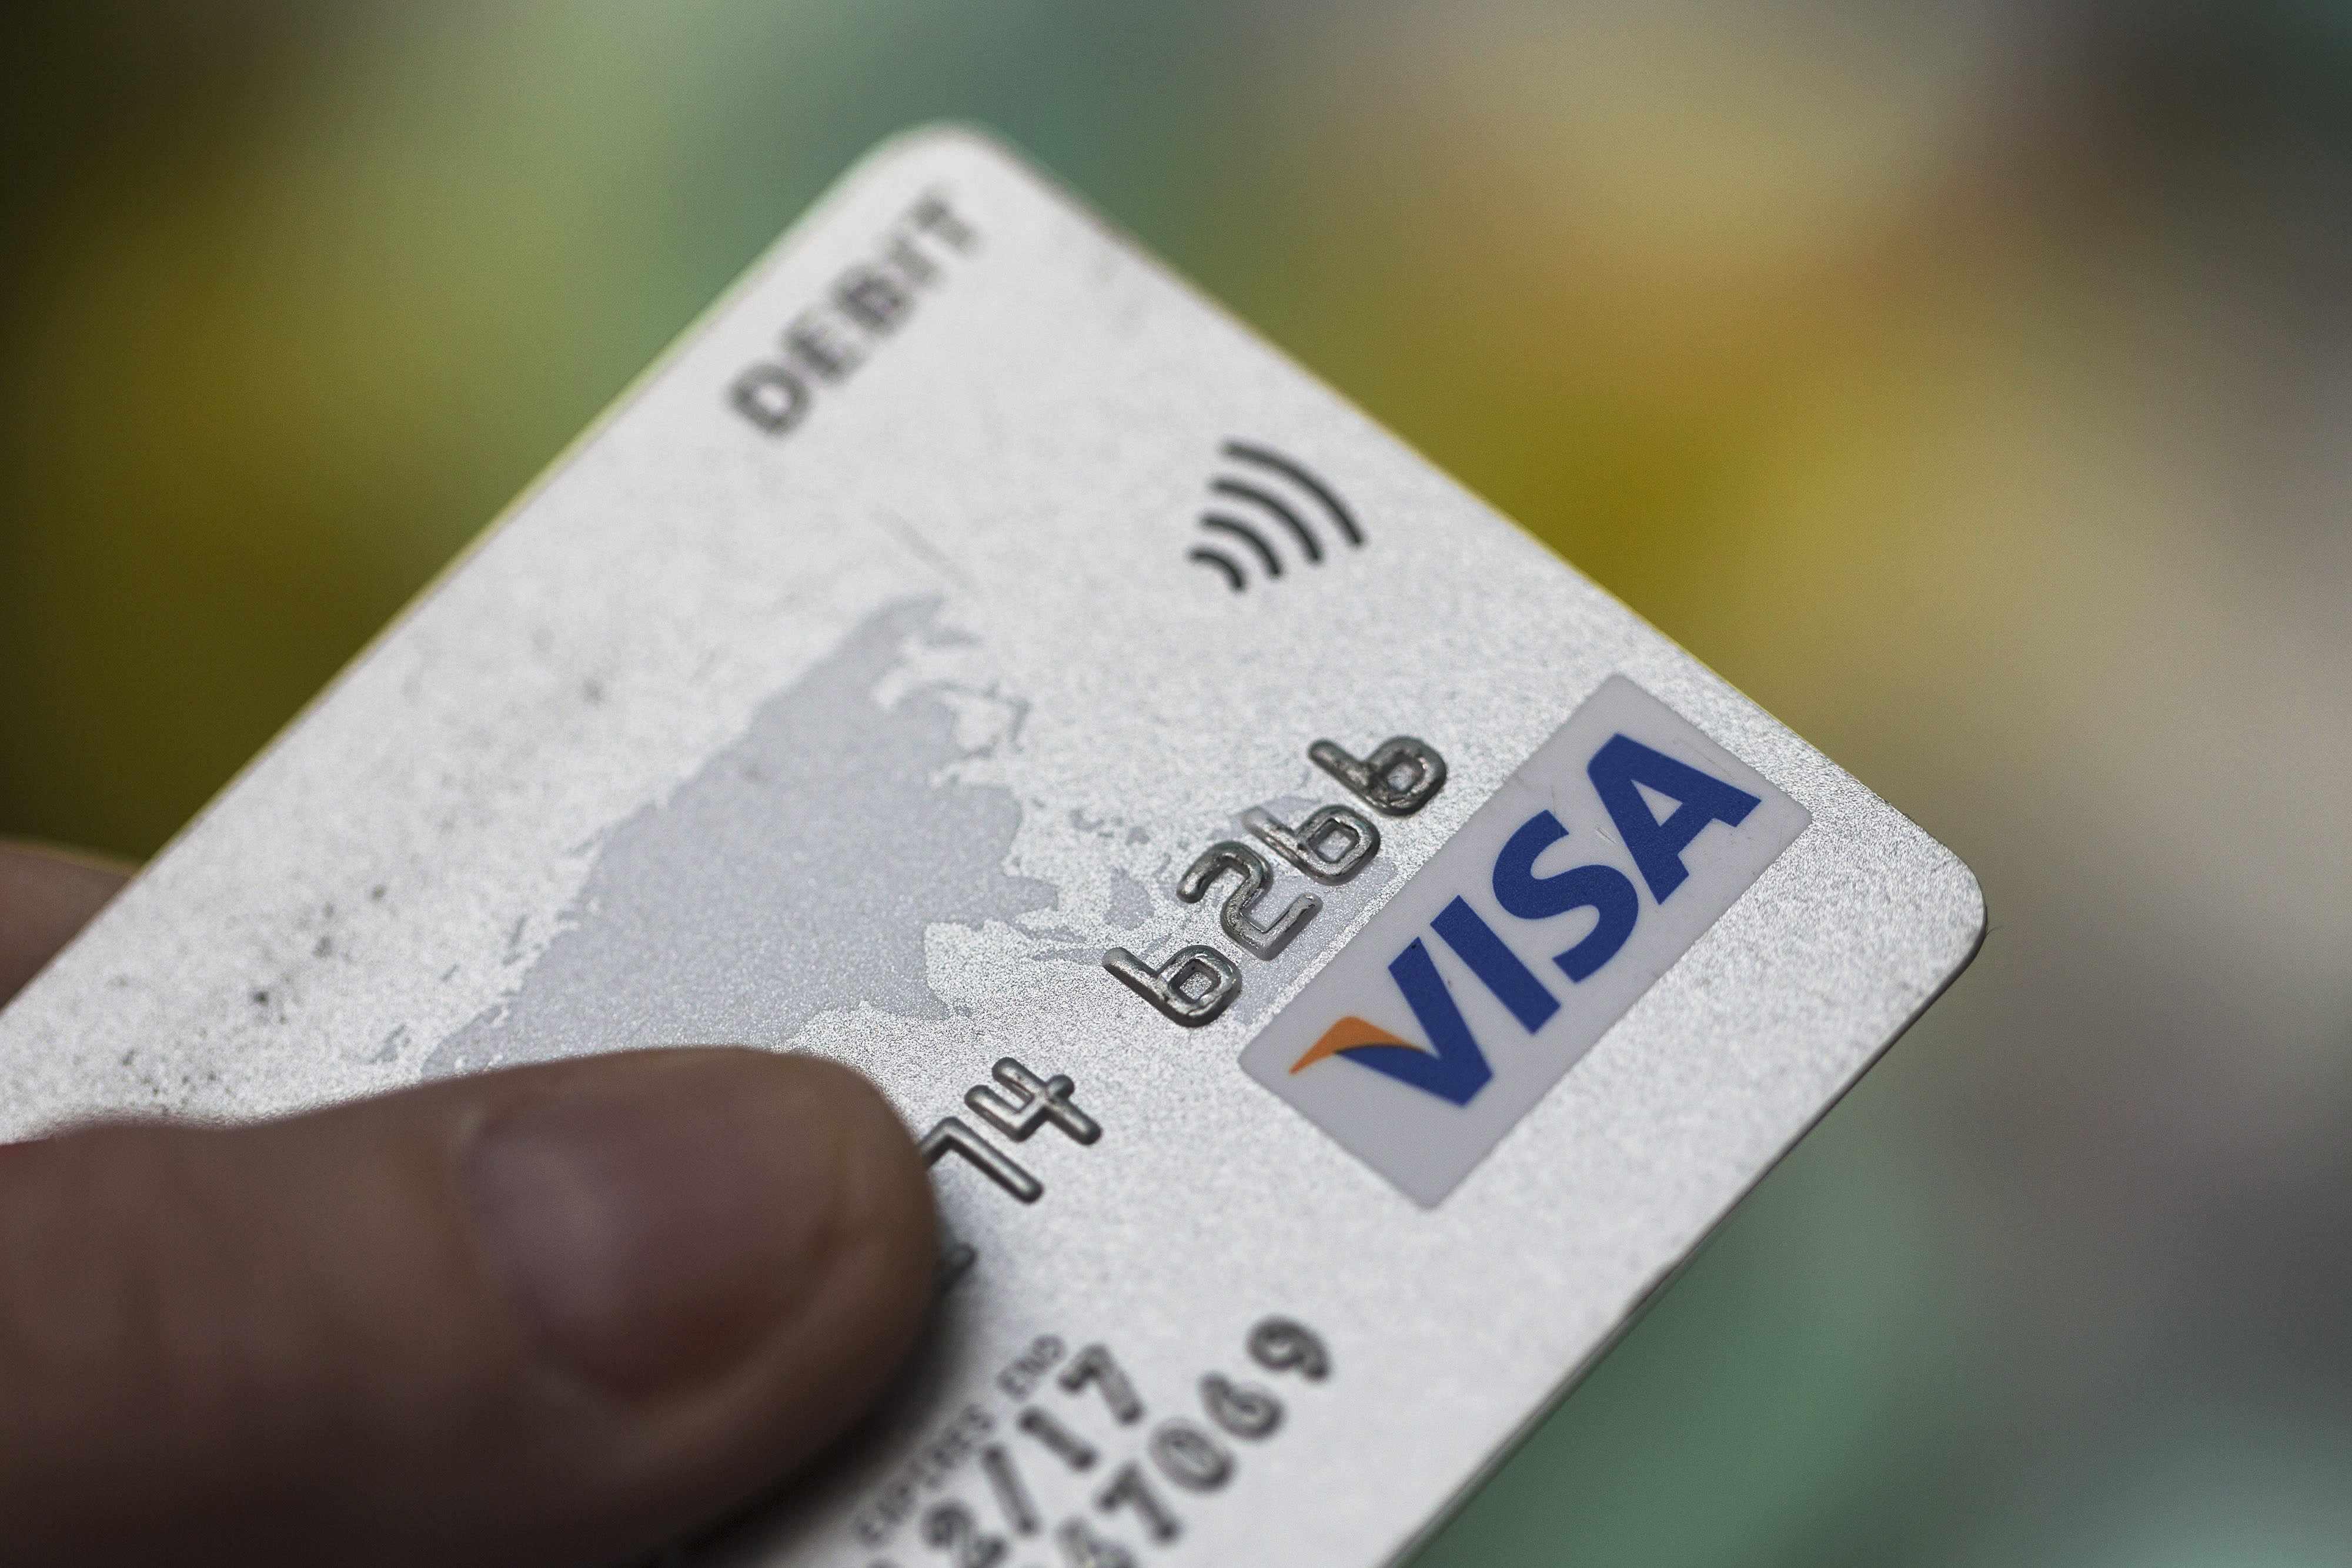 UK payments visa fintech bet